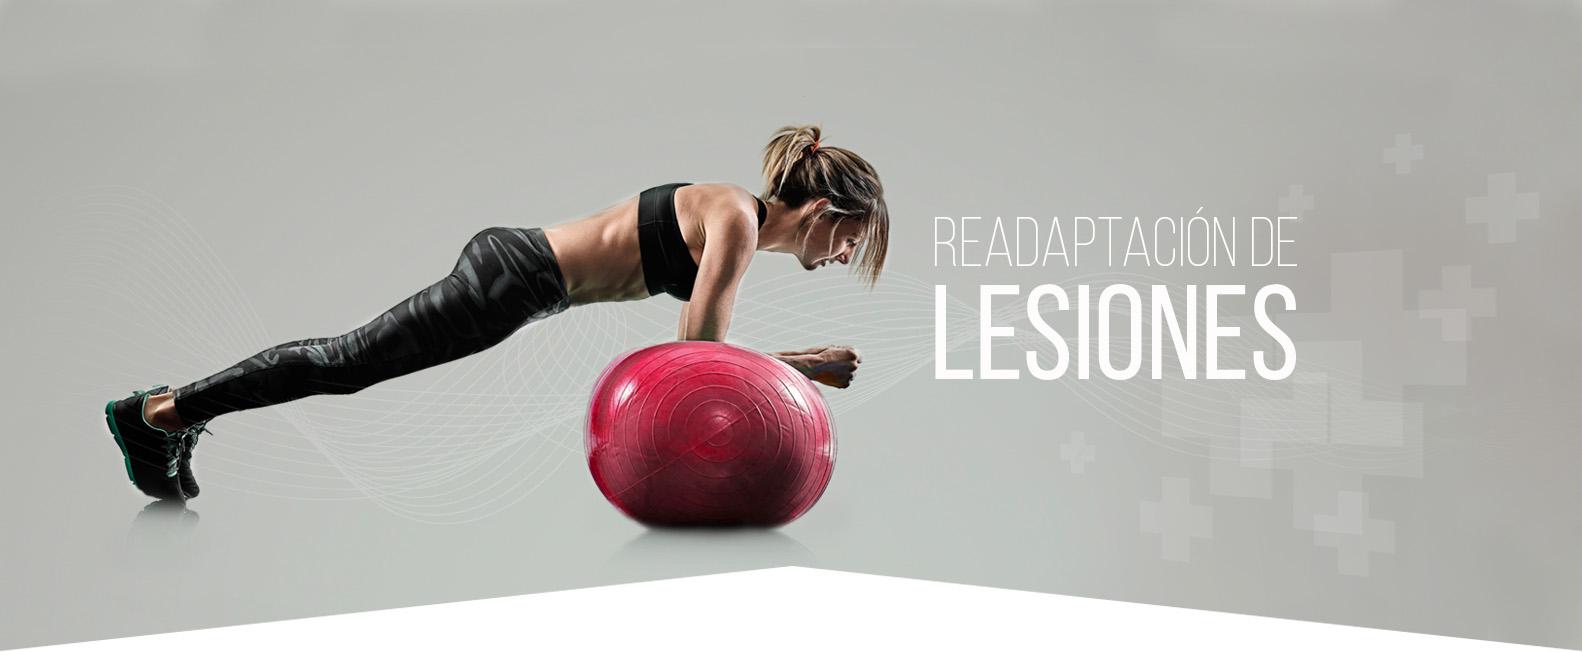 Readaptación de lesiones